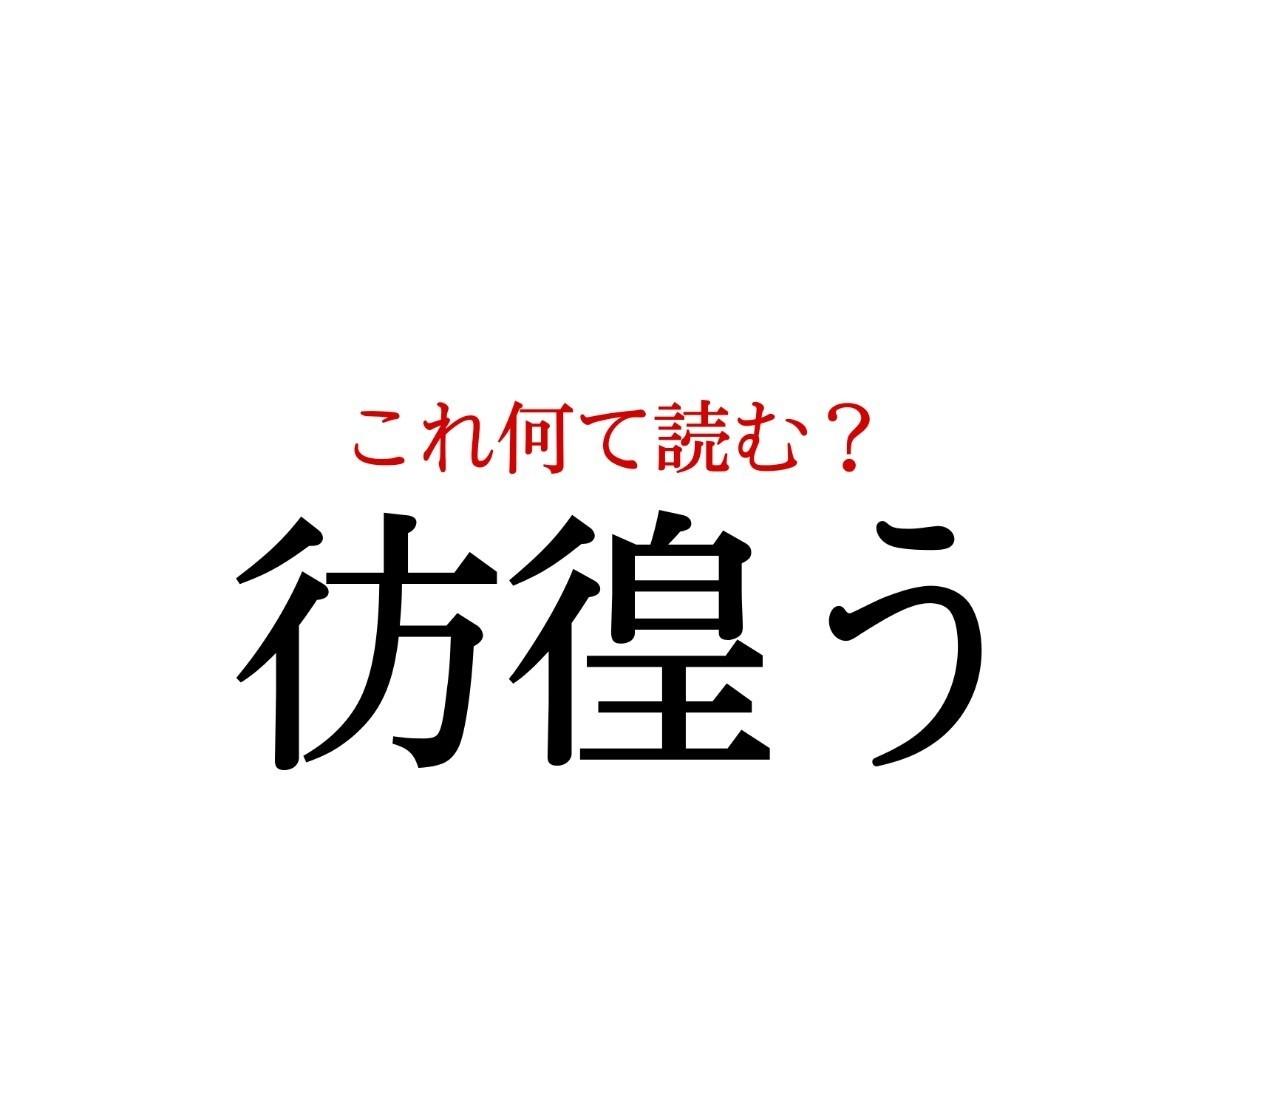 「彷徨う」:この漢字、自信を持って読めますか?【働く大人の漢字クイズvol.253】